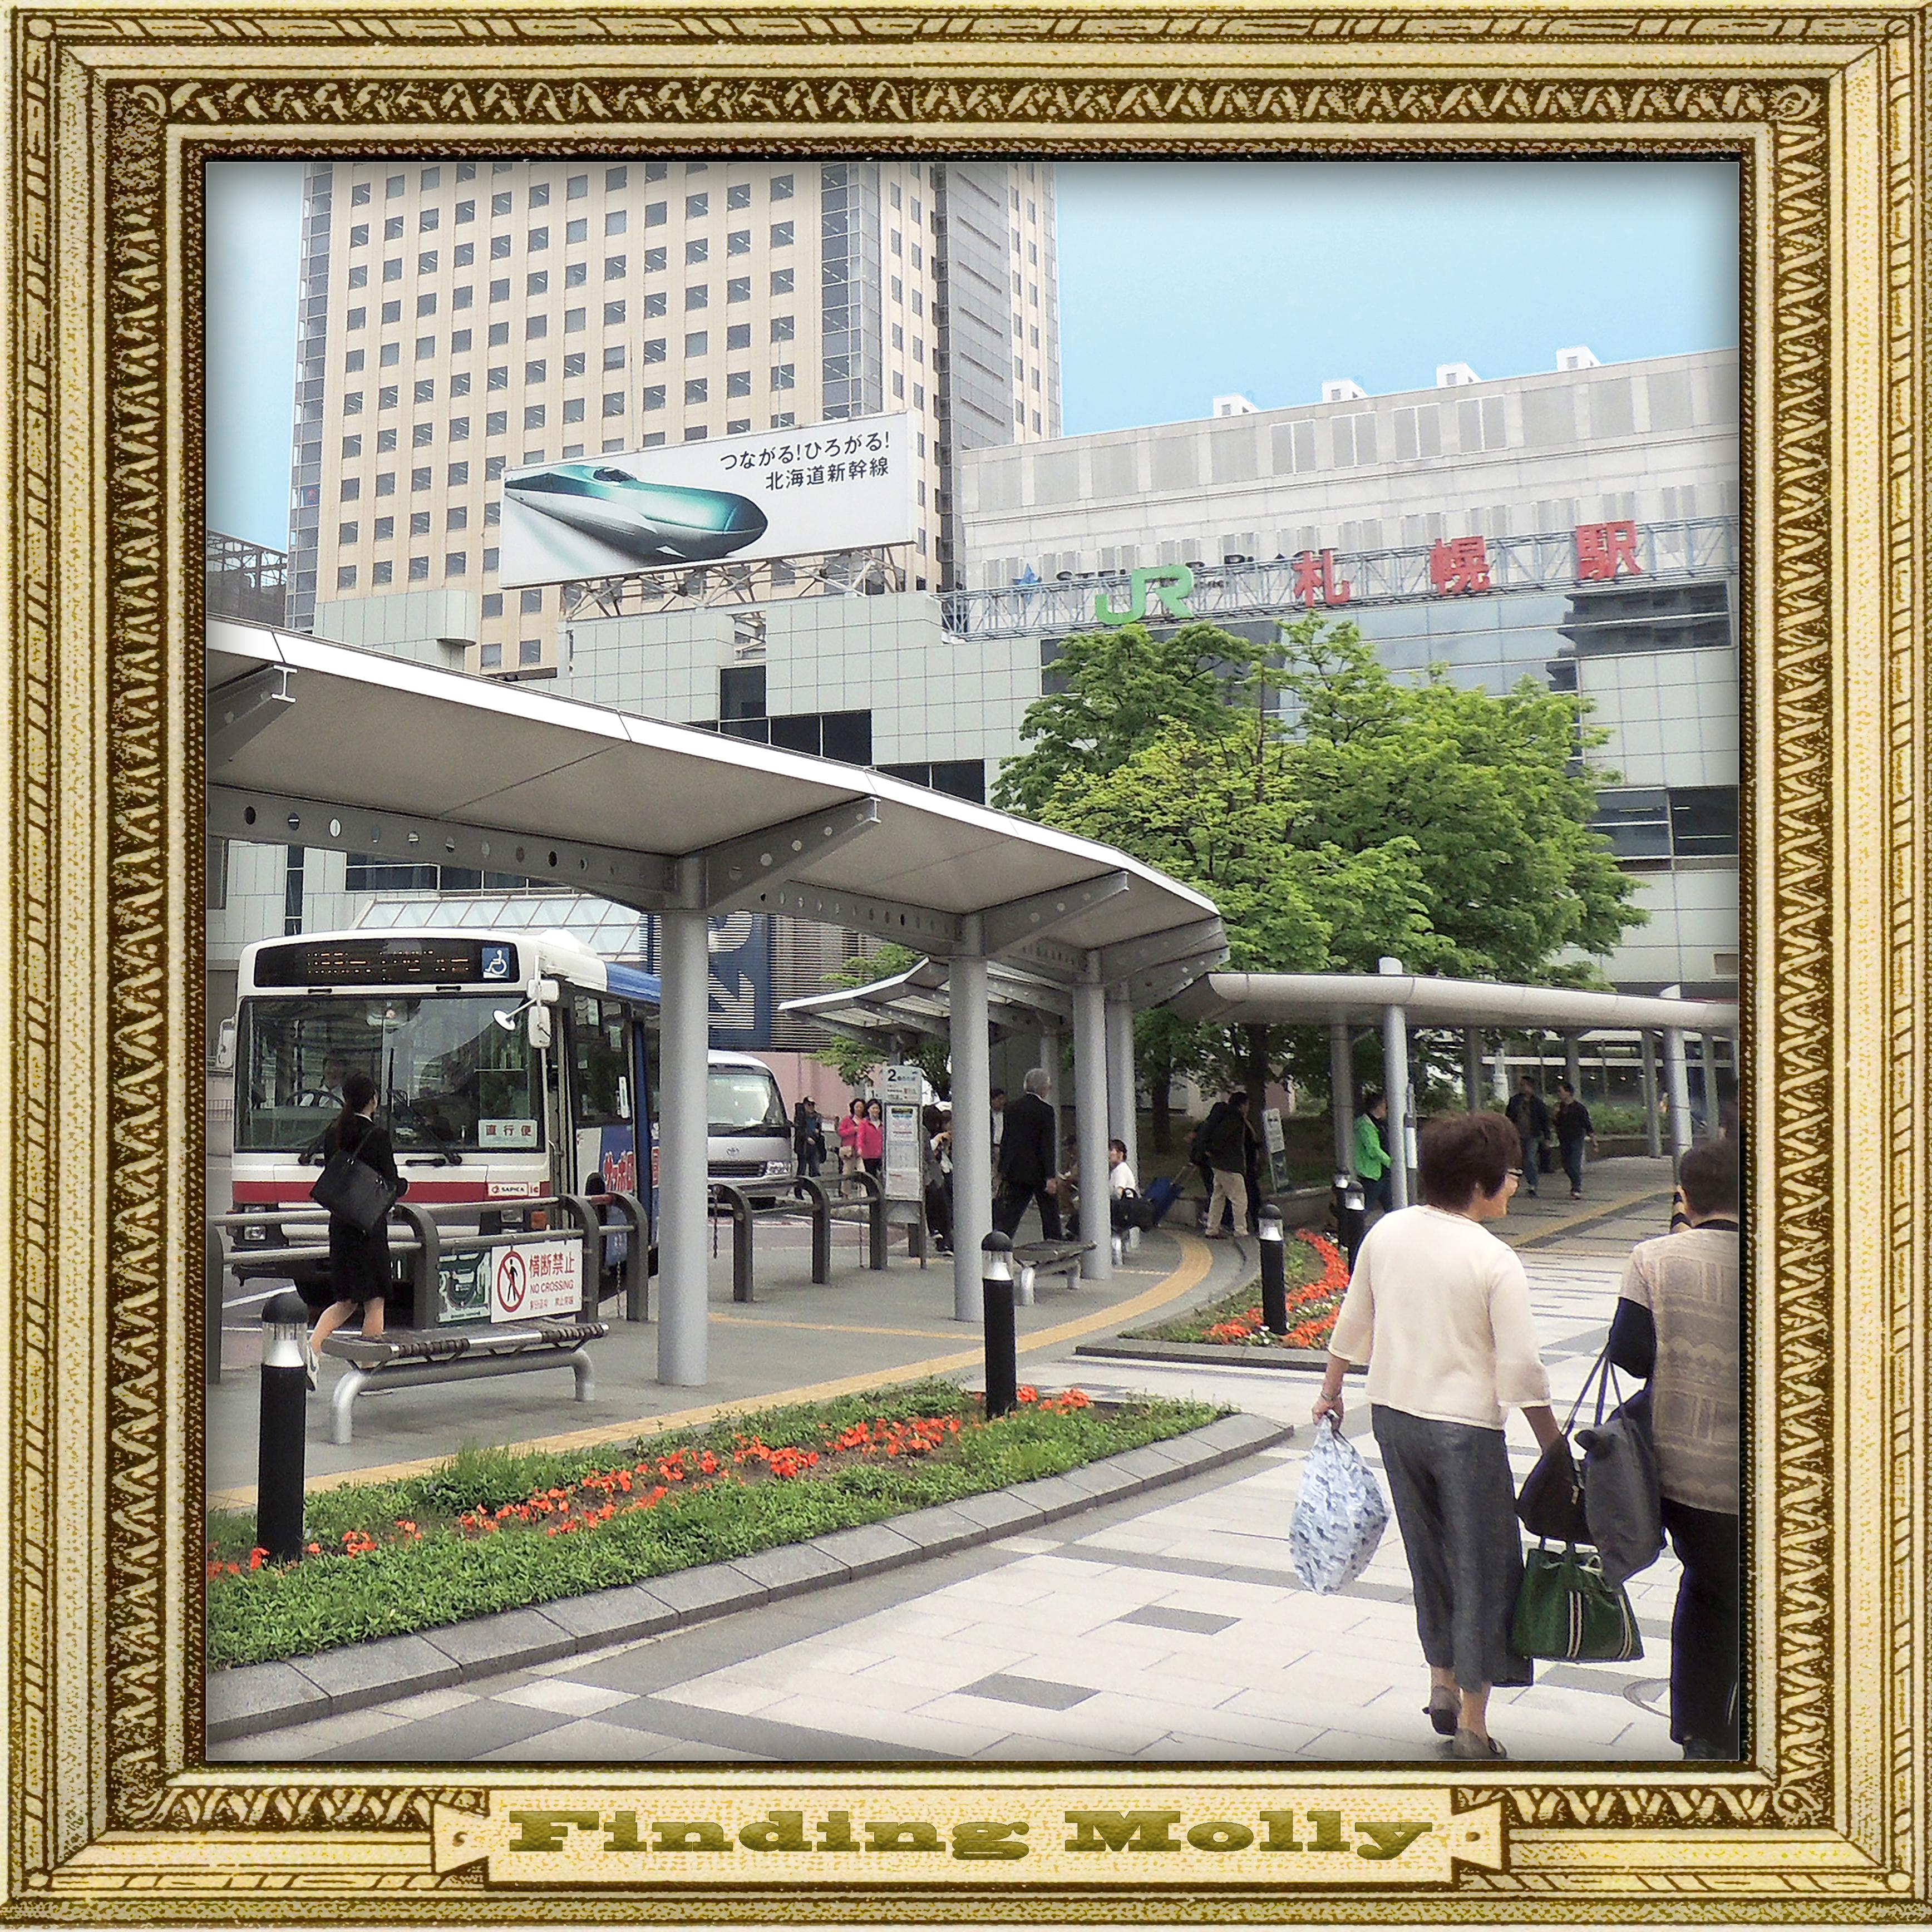 08_07_2016_satsuekikita2